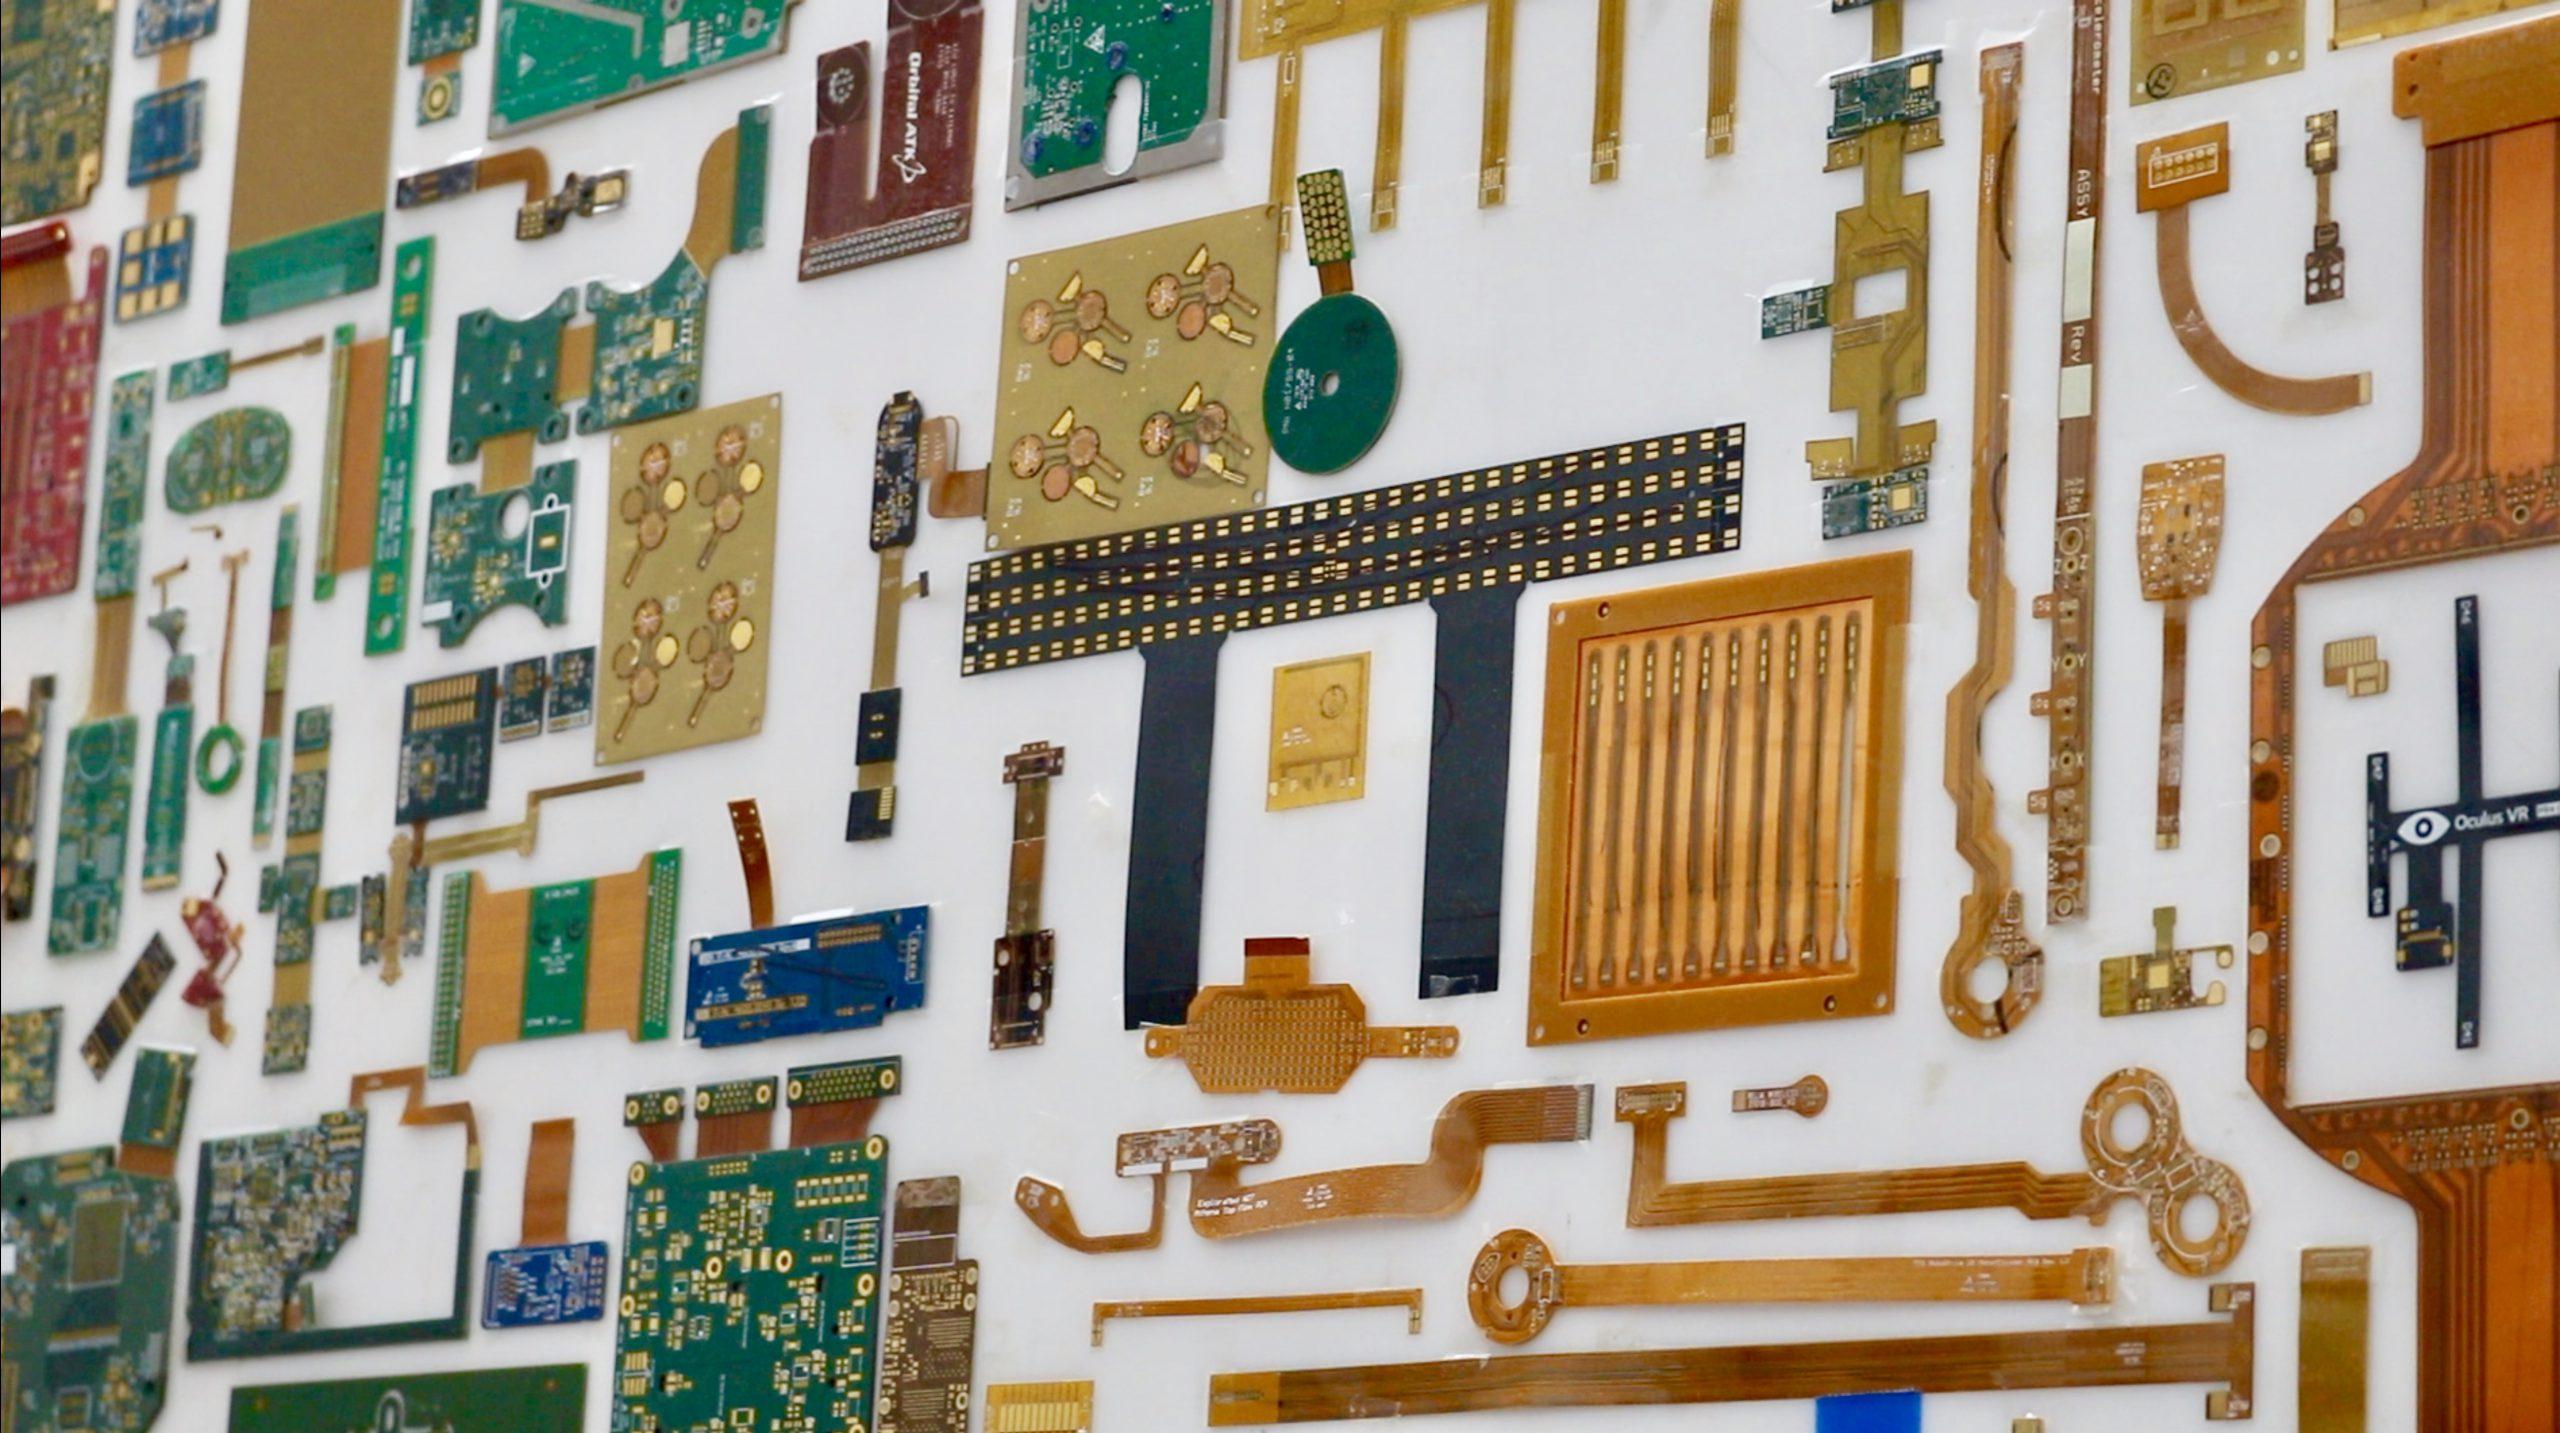 Sierra Circuits flex wall